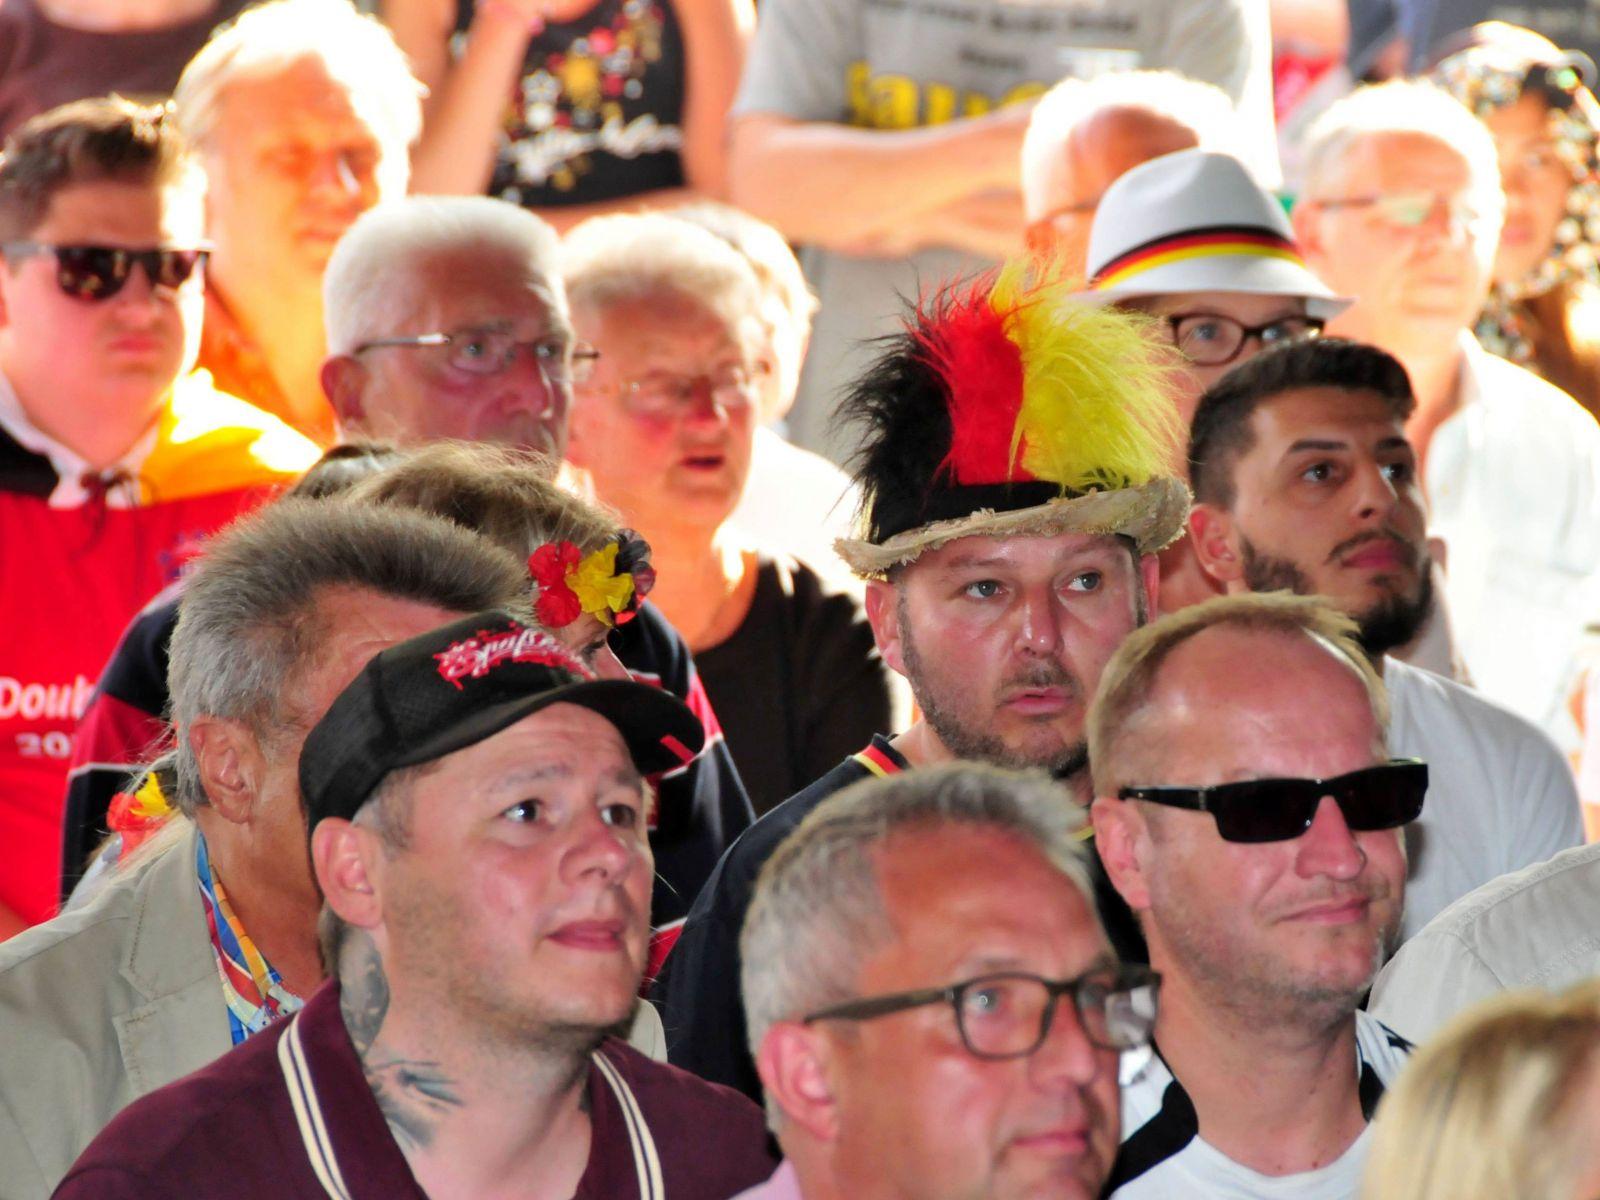 Spiel Deutschland Slowakei (17)